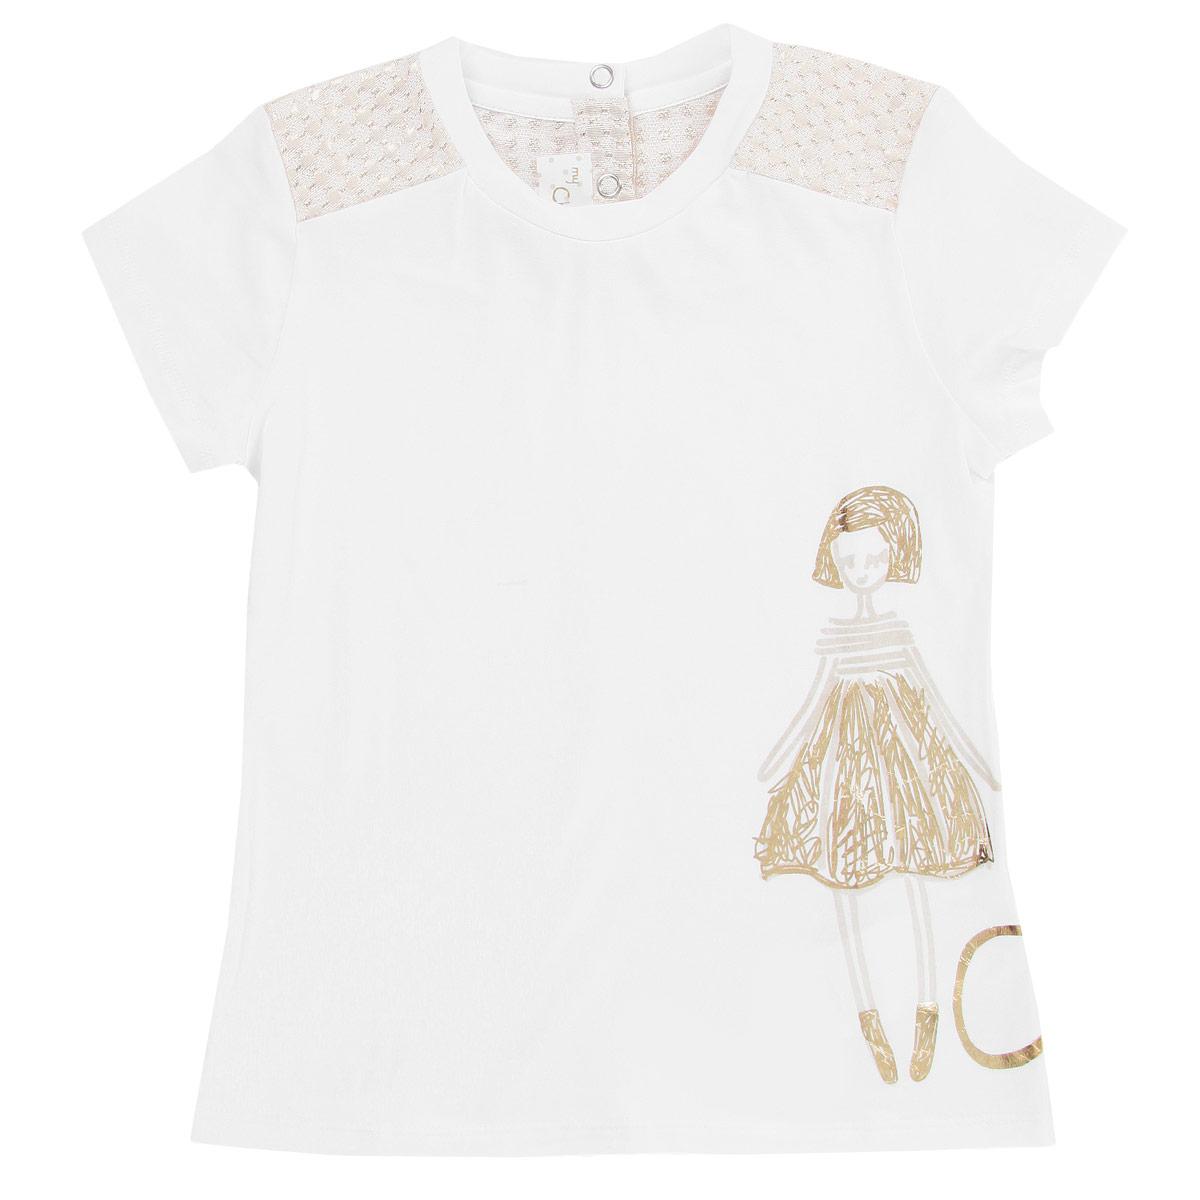 9047698Очаровательная футболка для девочки Chicco идеально подойдет вашей маленькой моднице. Изготовленная из высококачественного материала, она мягкая и приятная на ощупь, не сковывает движения и позволяет коже дышать, не раздражает даже самую нежную и чувствительную кожу ребенка, обеспечивая наибольший комфорт. Футболка трапециевидного кроя с круглым вырезом горловины и короткими рукавами по спинке имеет небольшую застежку на две оригинальные застежки-кнопки. Отделка верхней части придает изделию оригинальность. Оформлена футболка оригинальной термоаппликацией с изображением девушки и надписью Chic. Вырез горловины дополнен эластичной трикотажной вставкой. Современный дизайн и расцветка делают эту футболку модным и стильным предметом детского гардероба. В ней ваша маленькая модница будет чувствовать себя уютно и комфортно, и всегда будет в центре внимания!